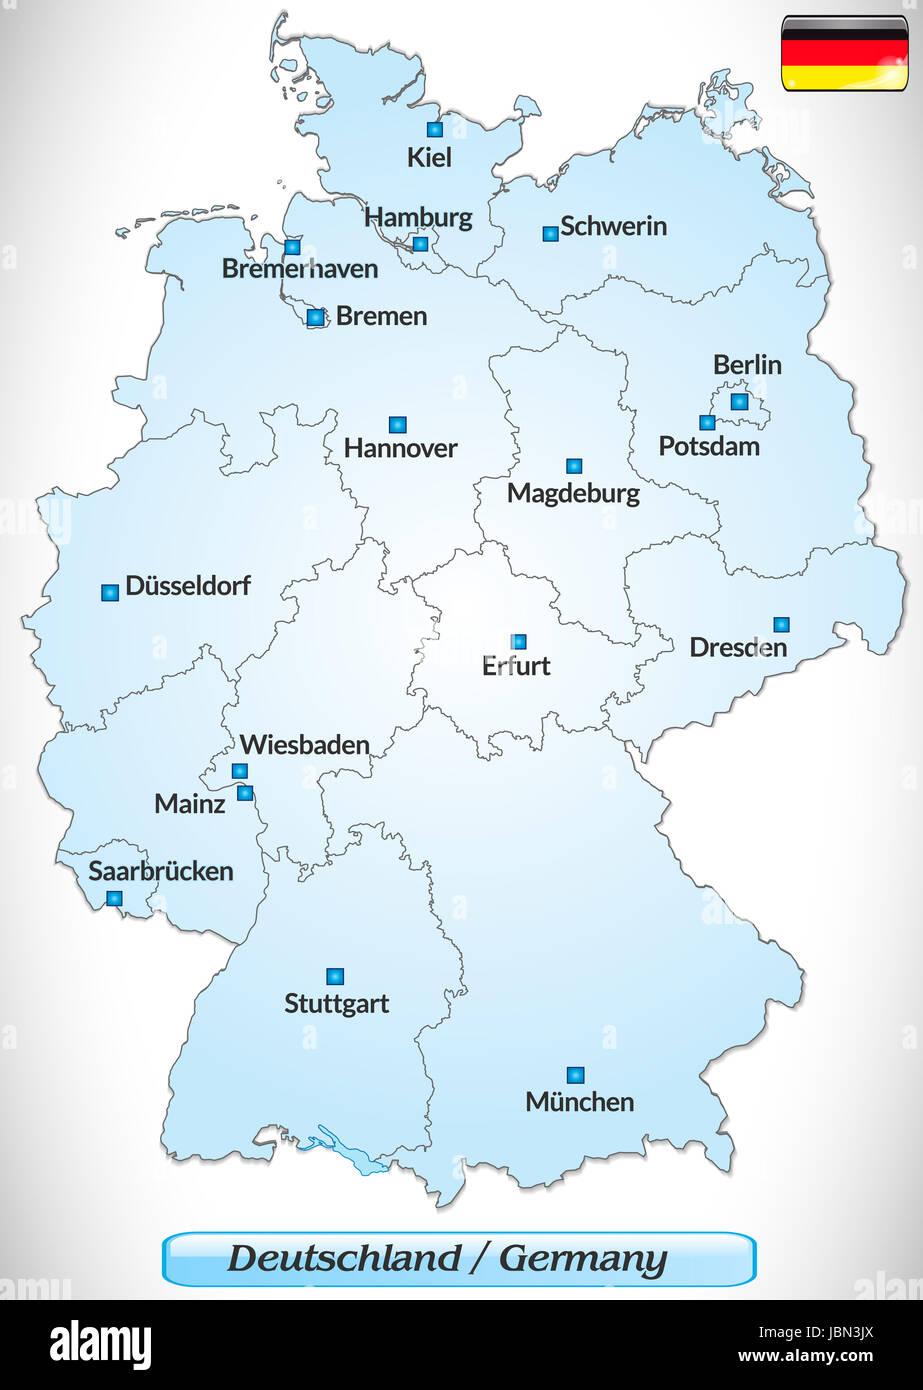 karte von deutschland mit hauptstädten Karte von Deutschland mit Hauptstädten in Blau Stock Photo   Alamy